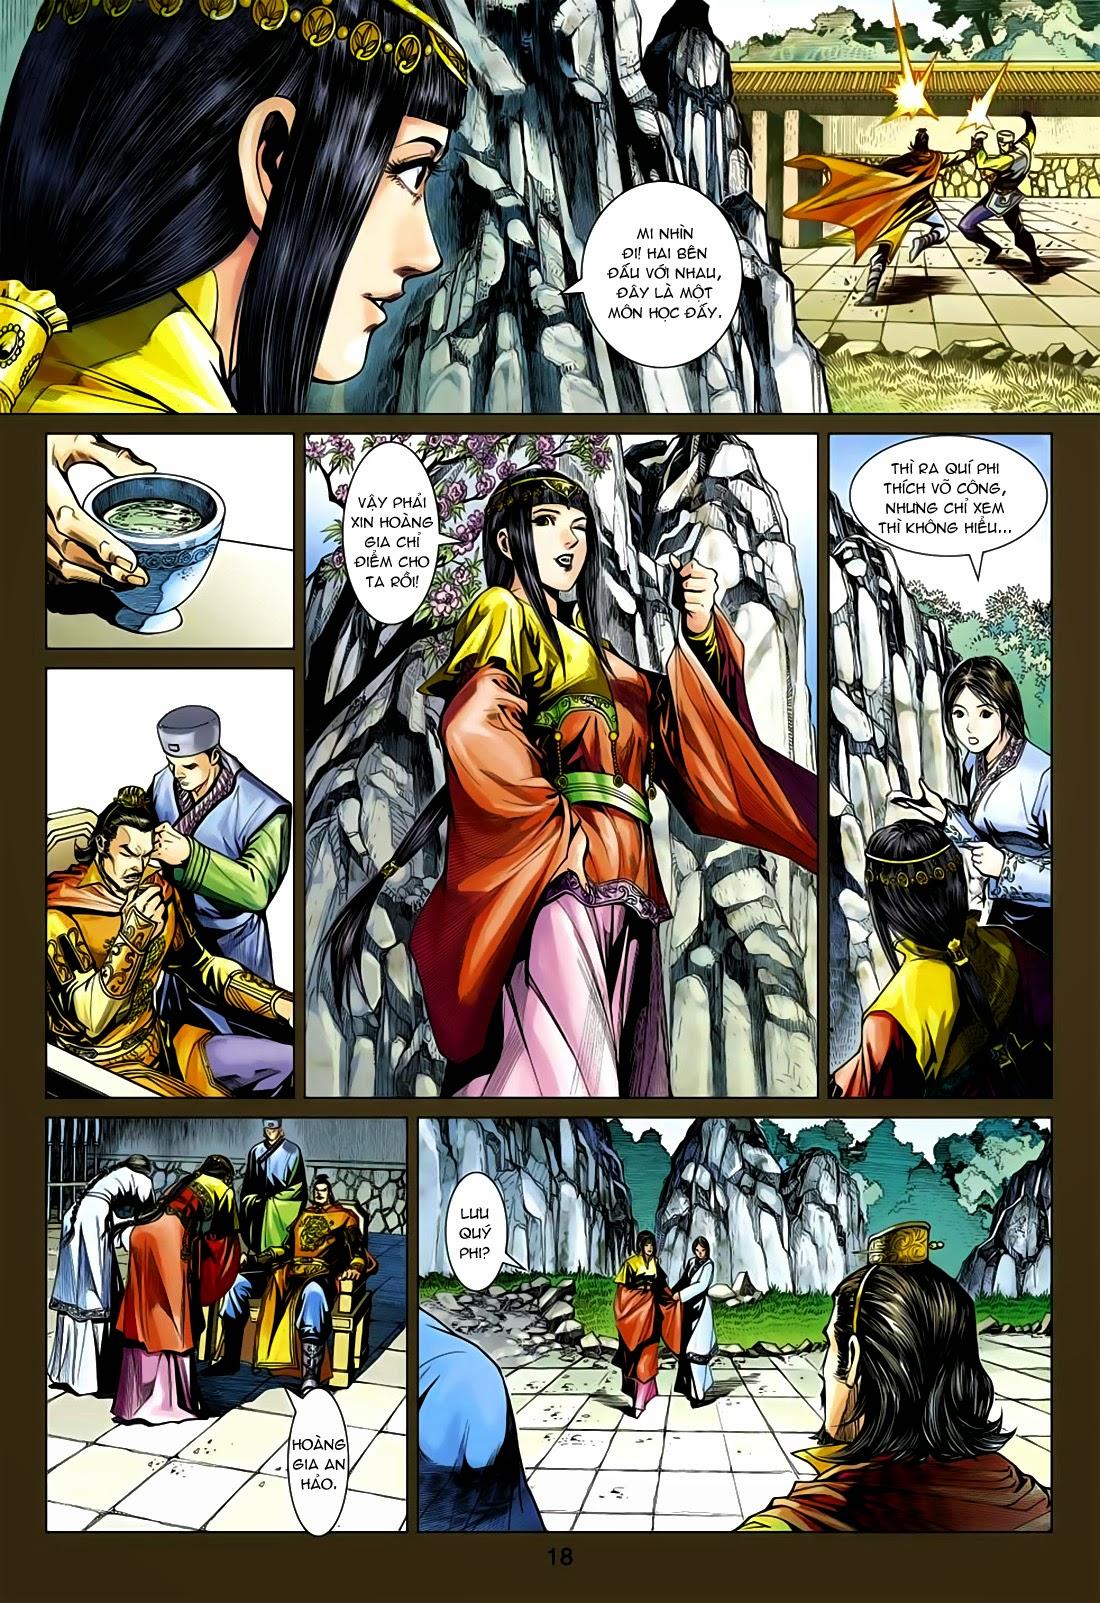 Anh Hùng Xạ Điêu anh hùng xạ đêu chap 75: hoàng thành cựu sự trang 18